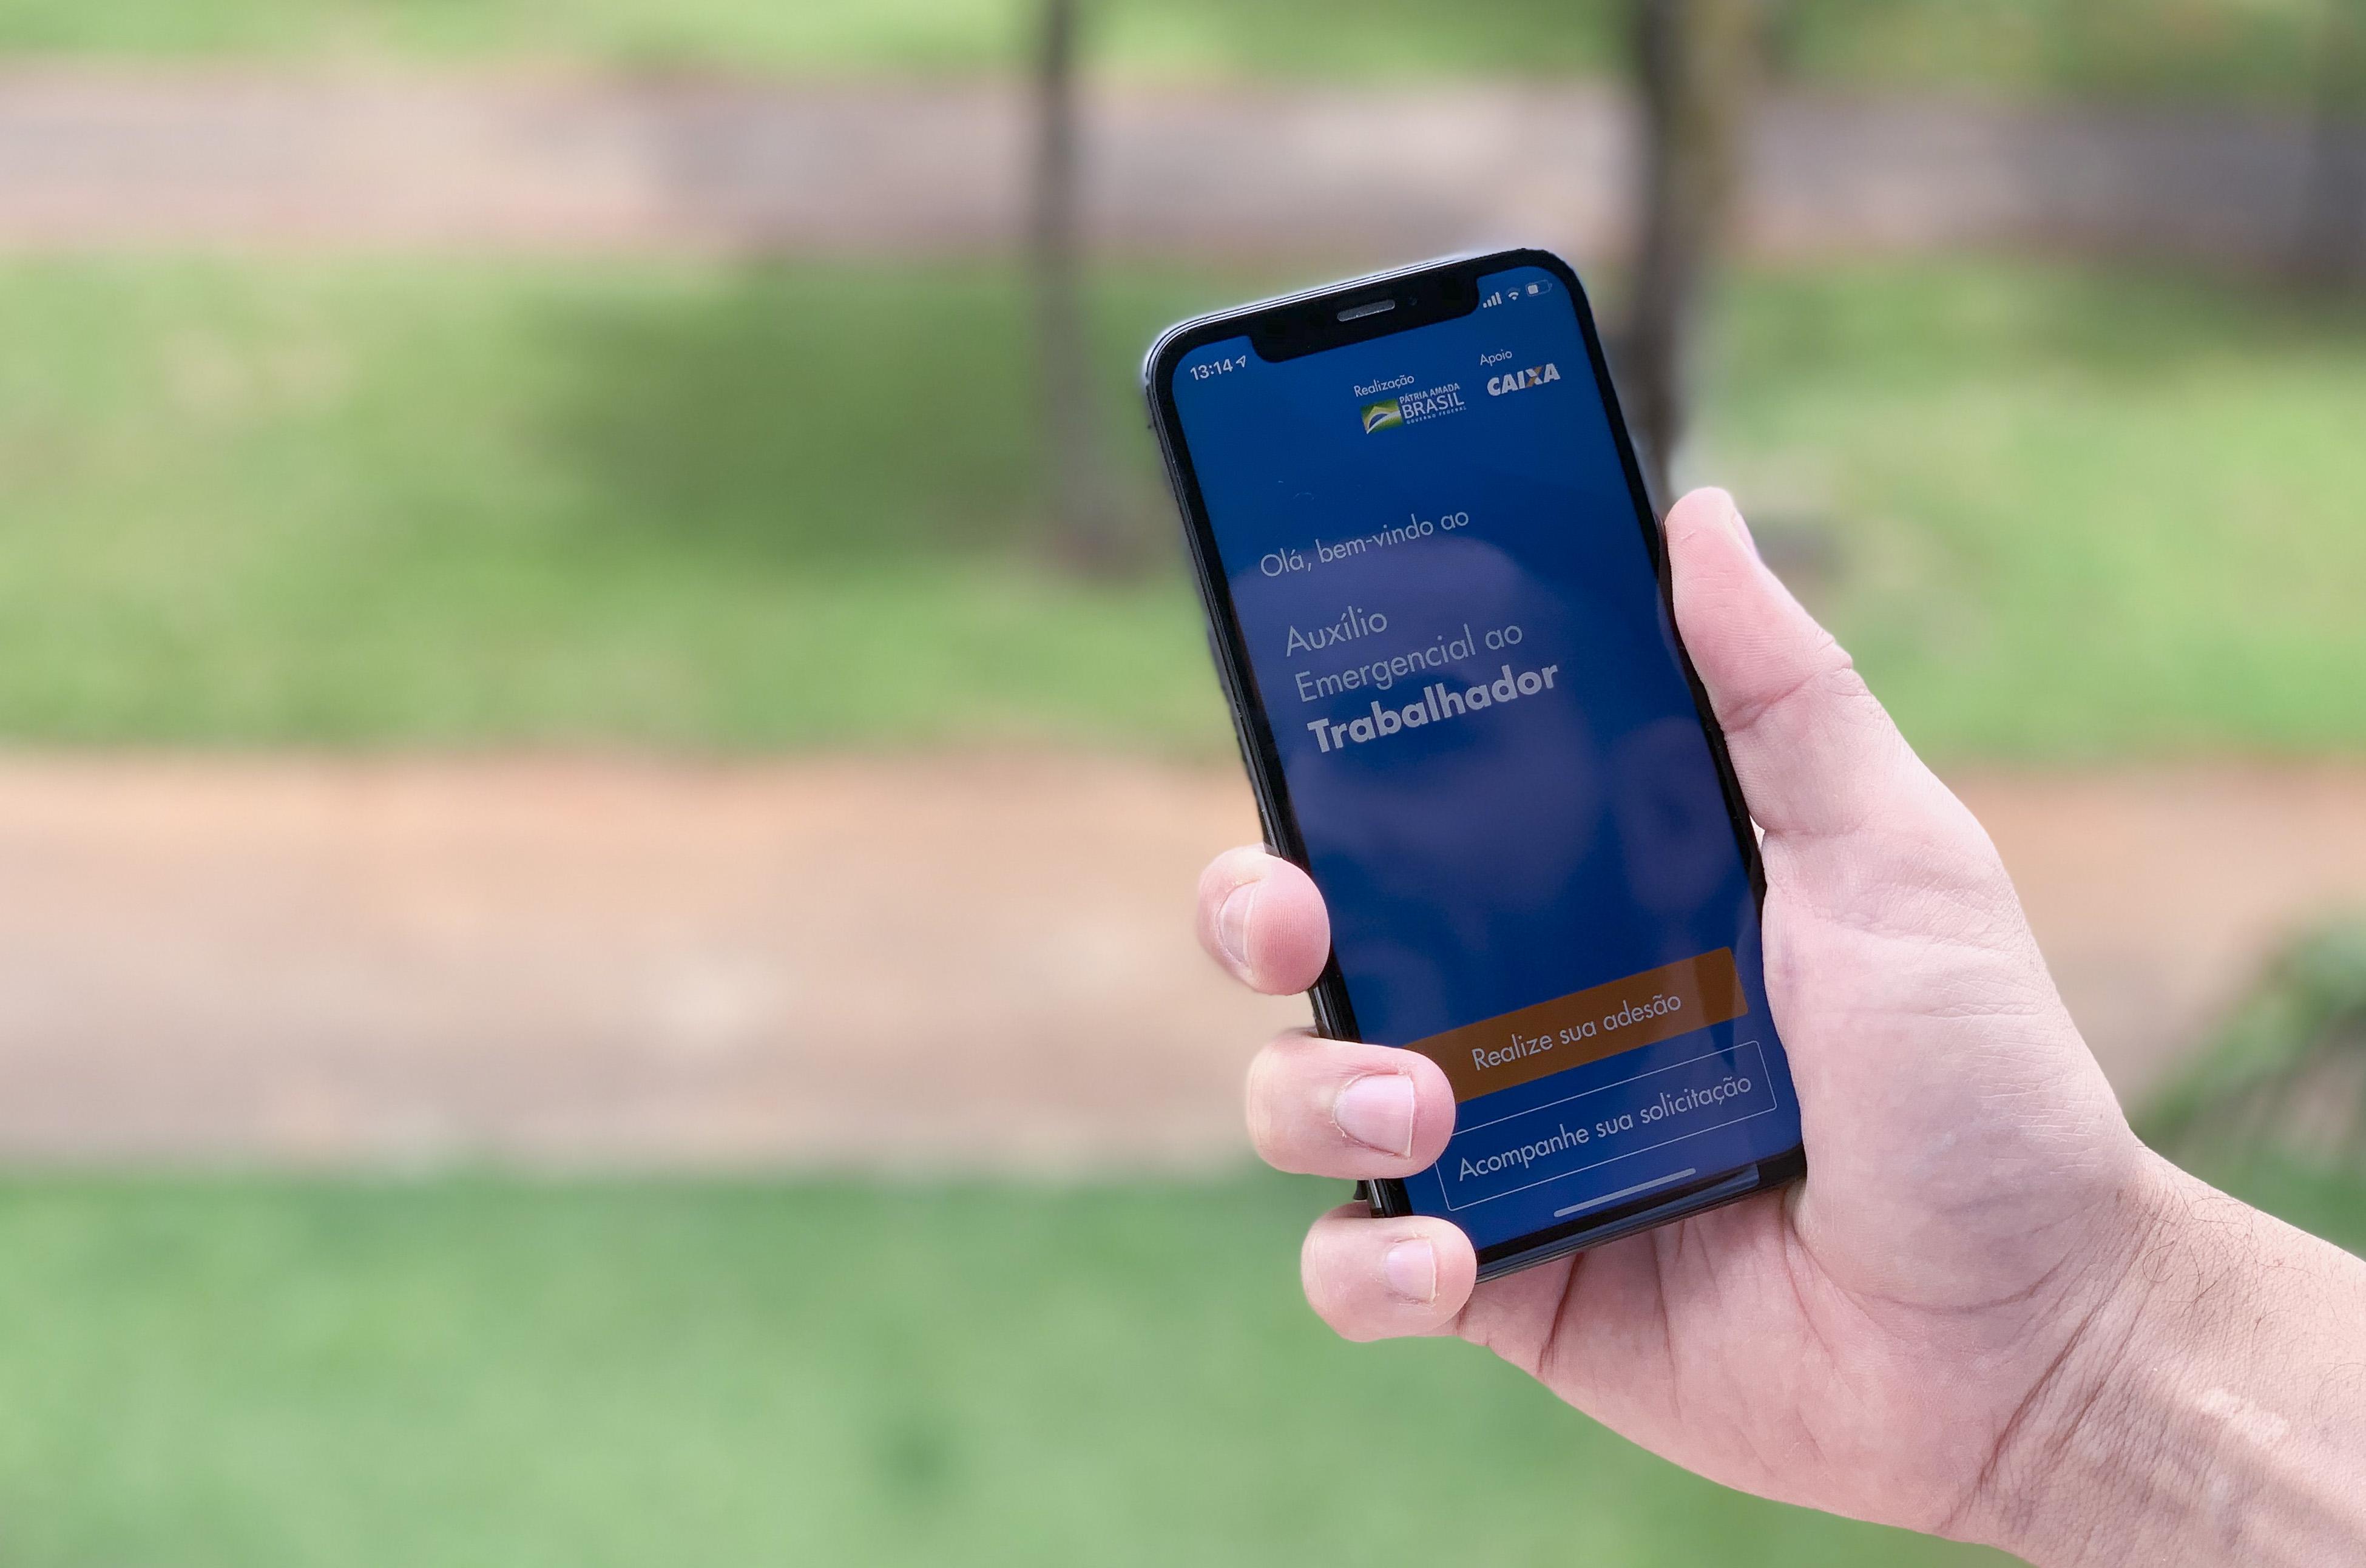 Écran du téléphone portable dans l'application Emergency Aid. Contenu d'inscription unique